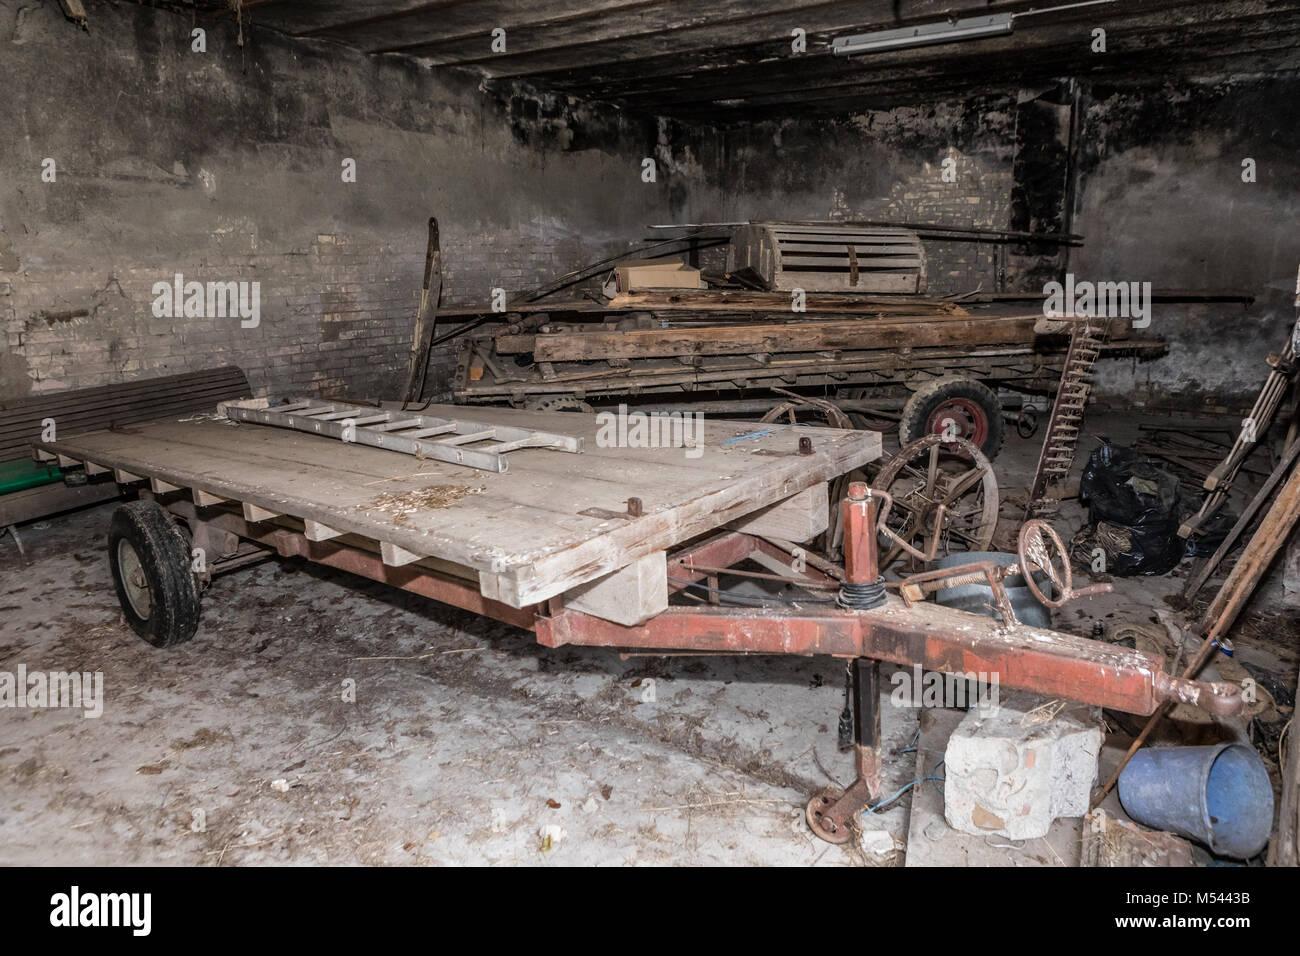 Alte Anhänger an verlassenen Hof - verlorene Ort Stockbild